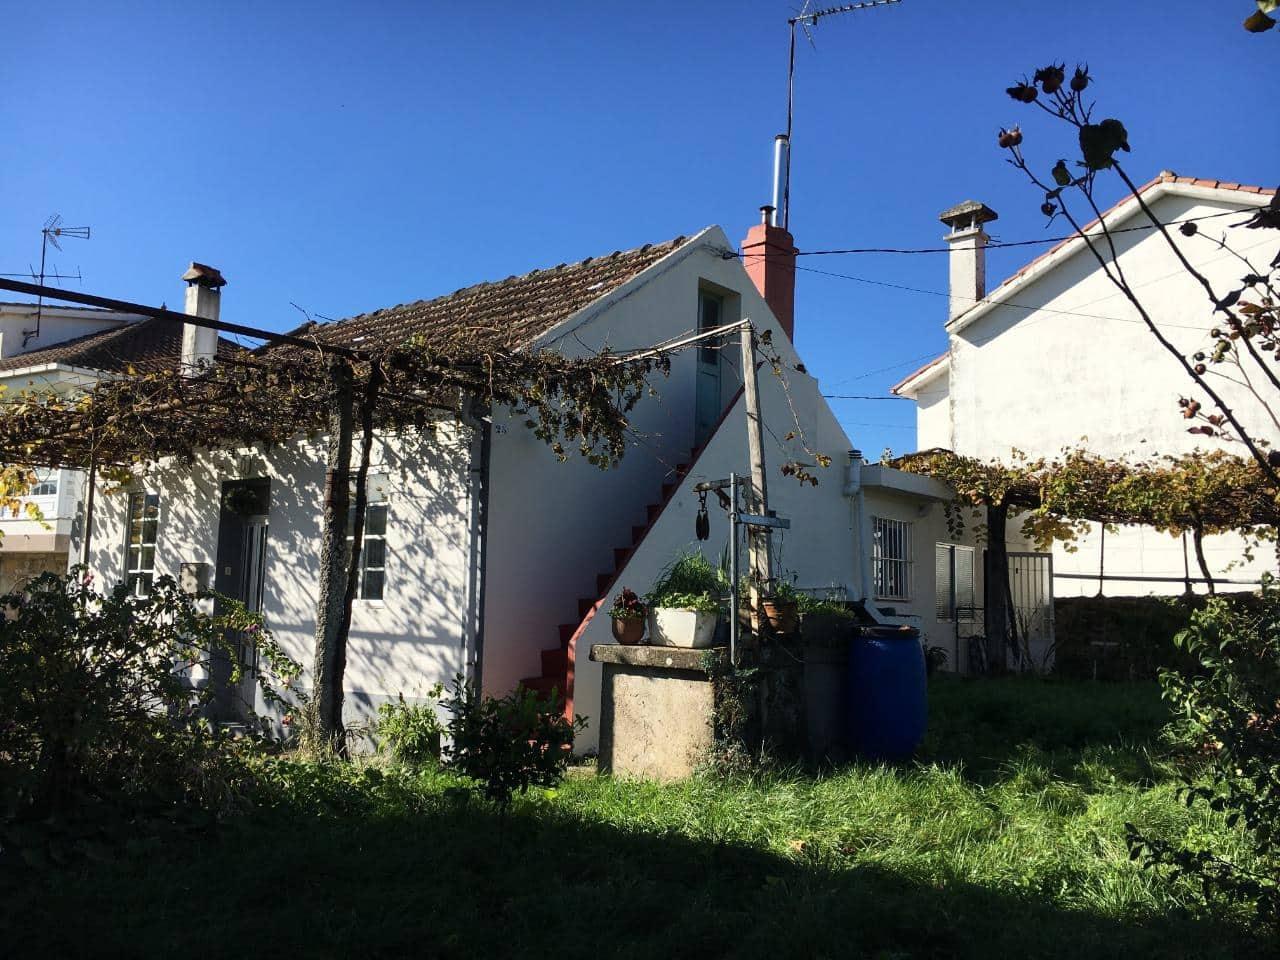 2 Zimmer Haus zu verkaufen in A Estrada - 50.000 € (Ref: 5126785)